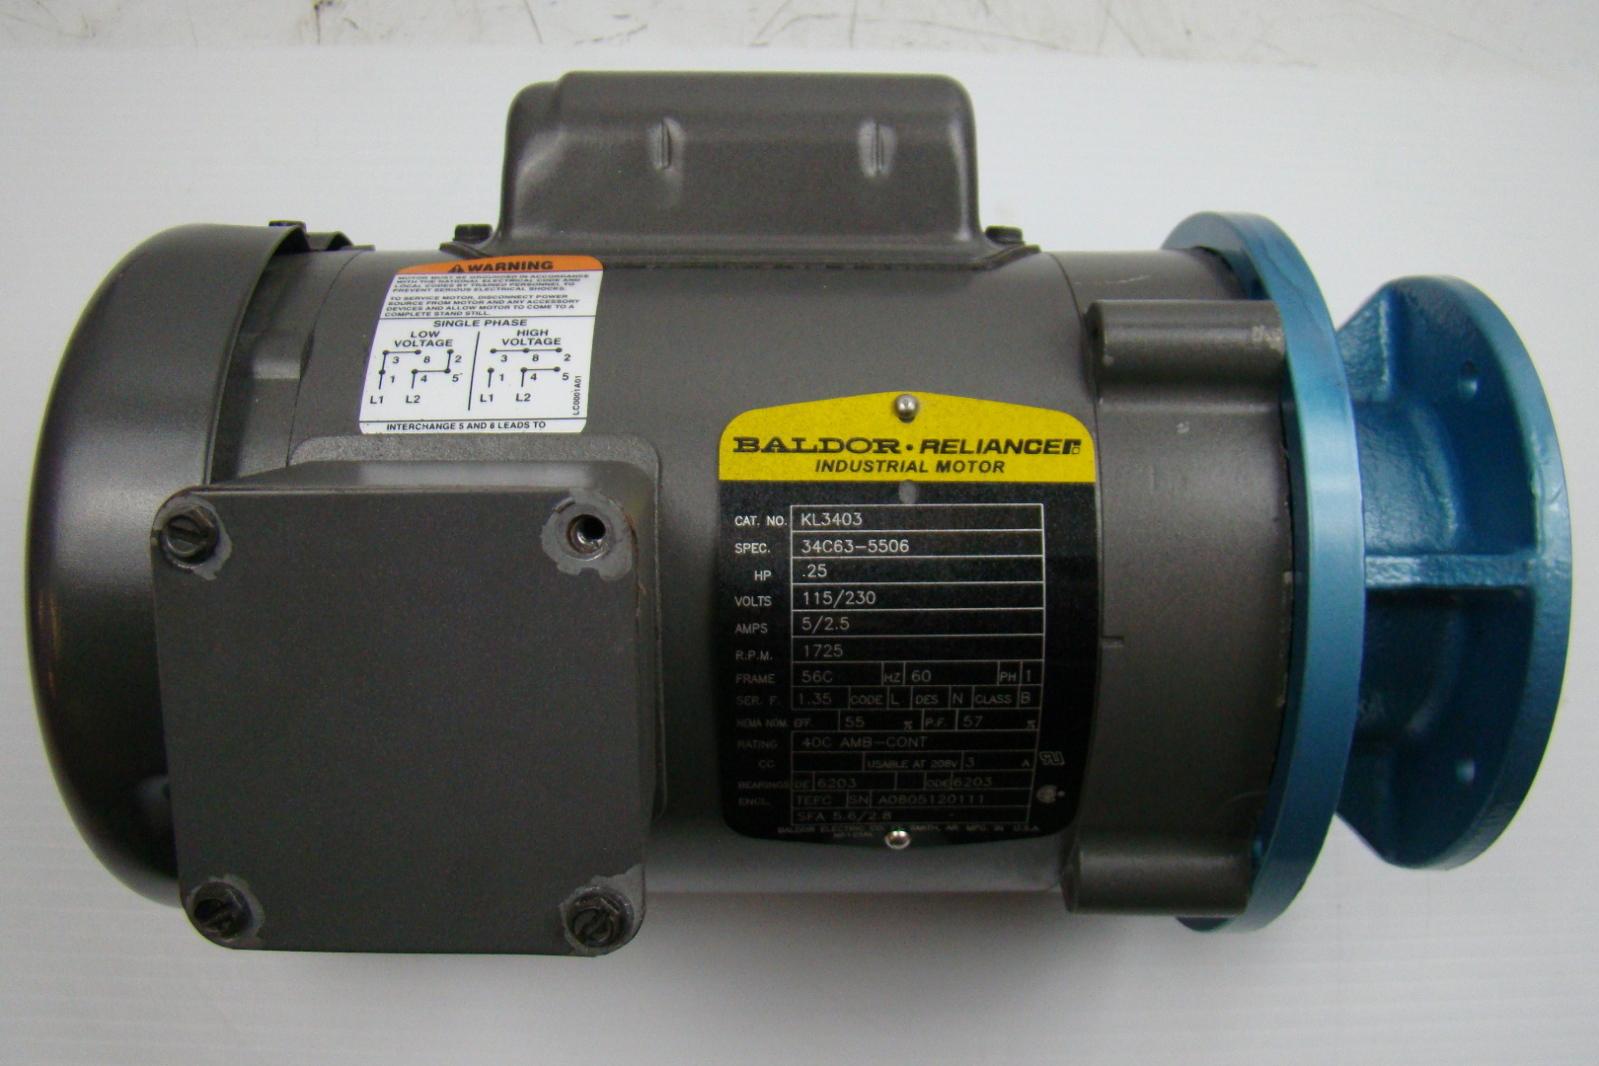 baldor single phase 230v motor wiring diagram start riecht nach gummi reliance industrial 47